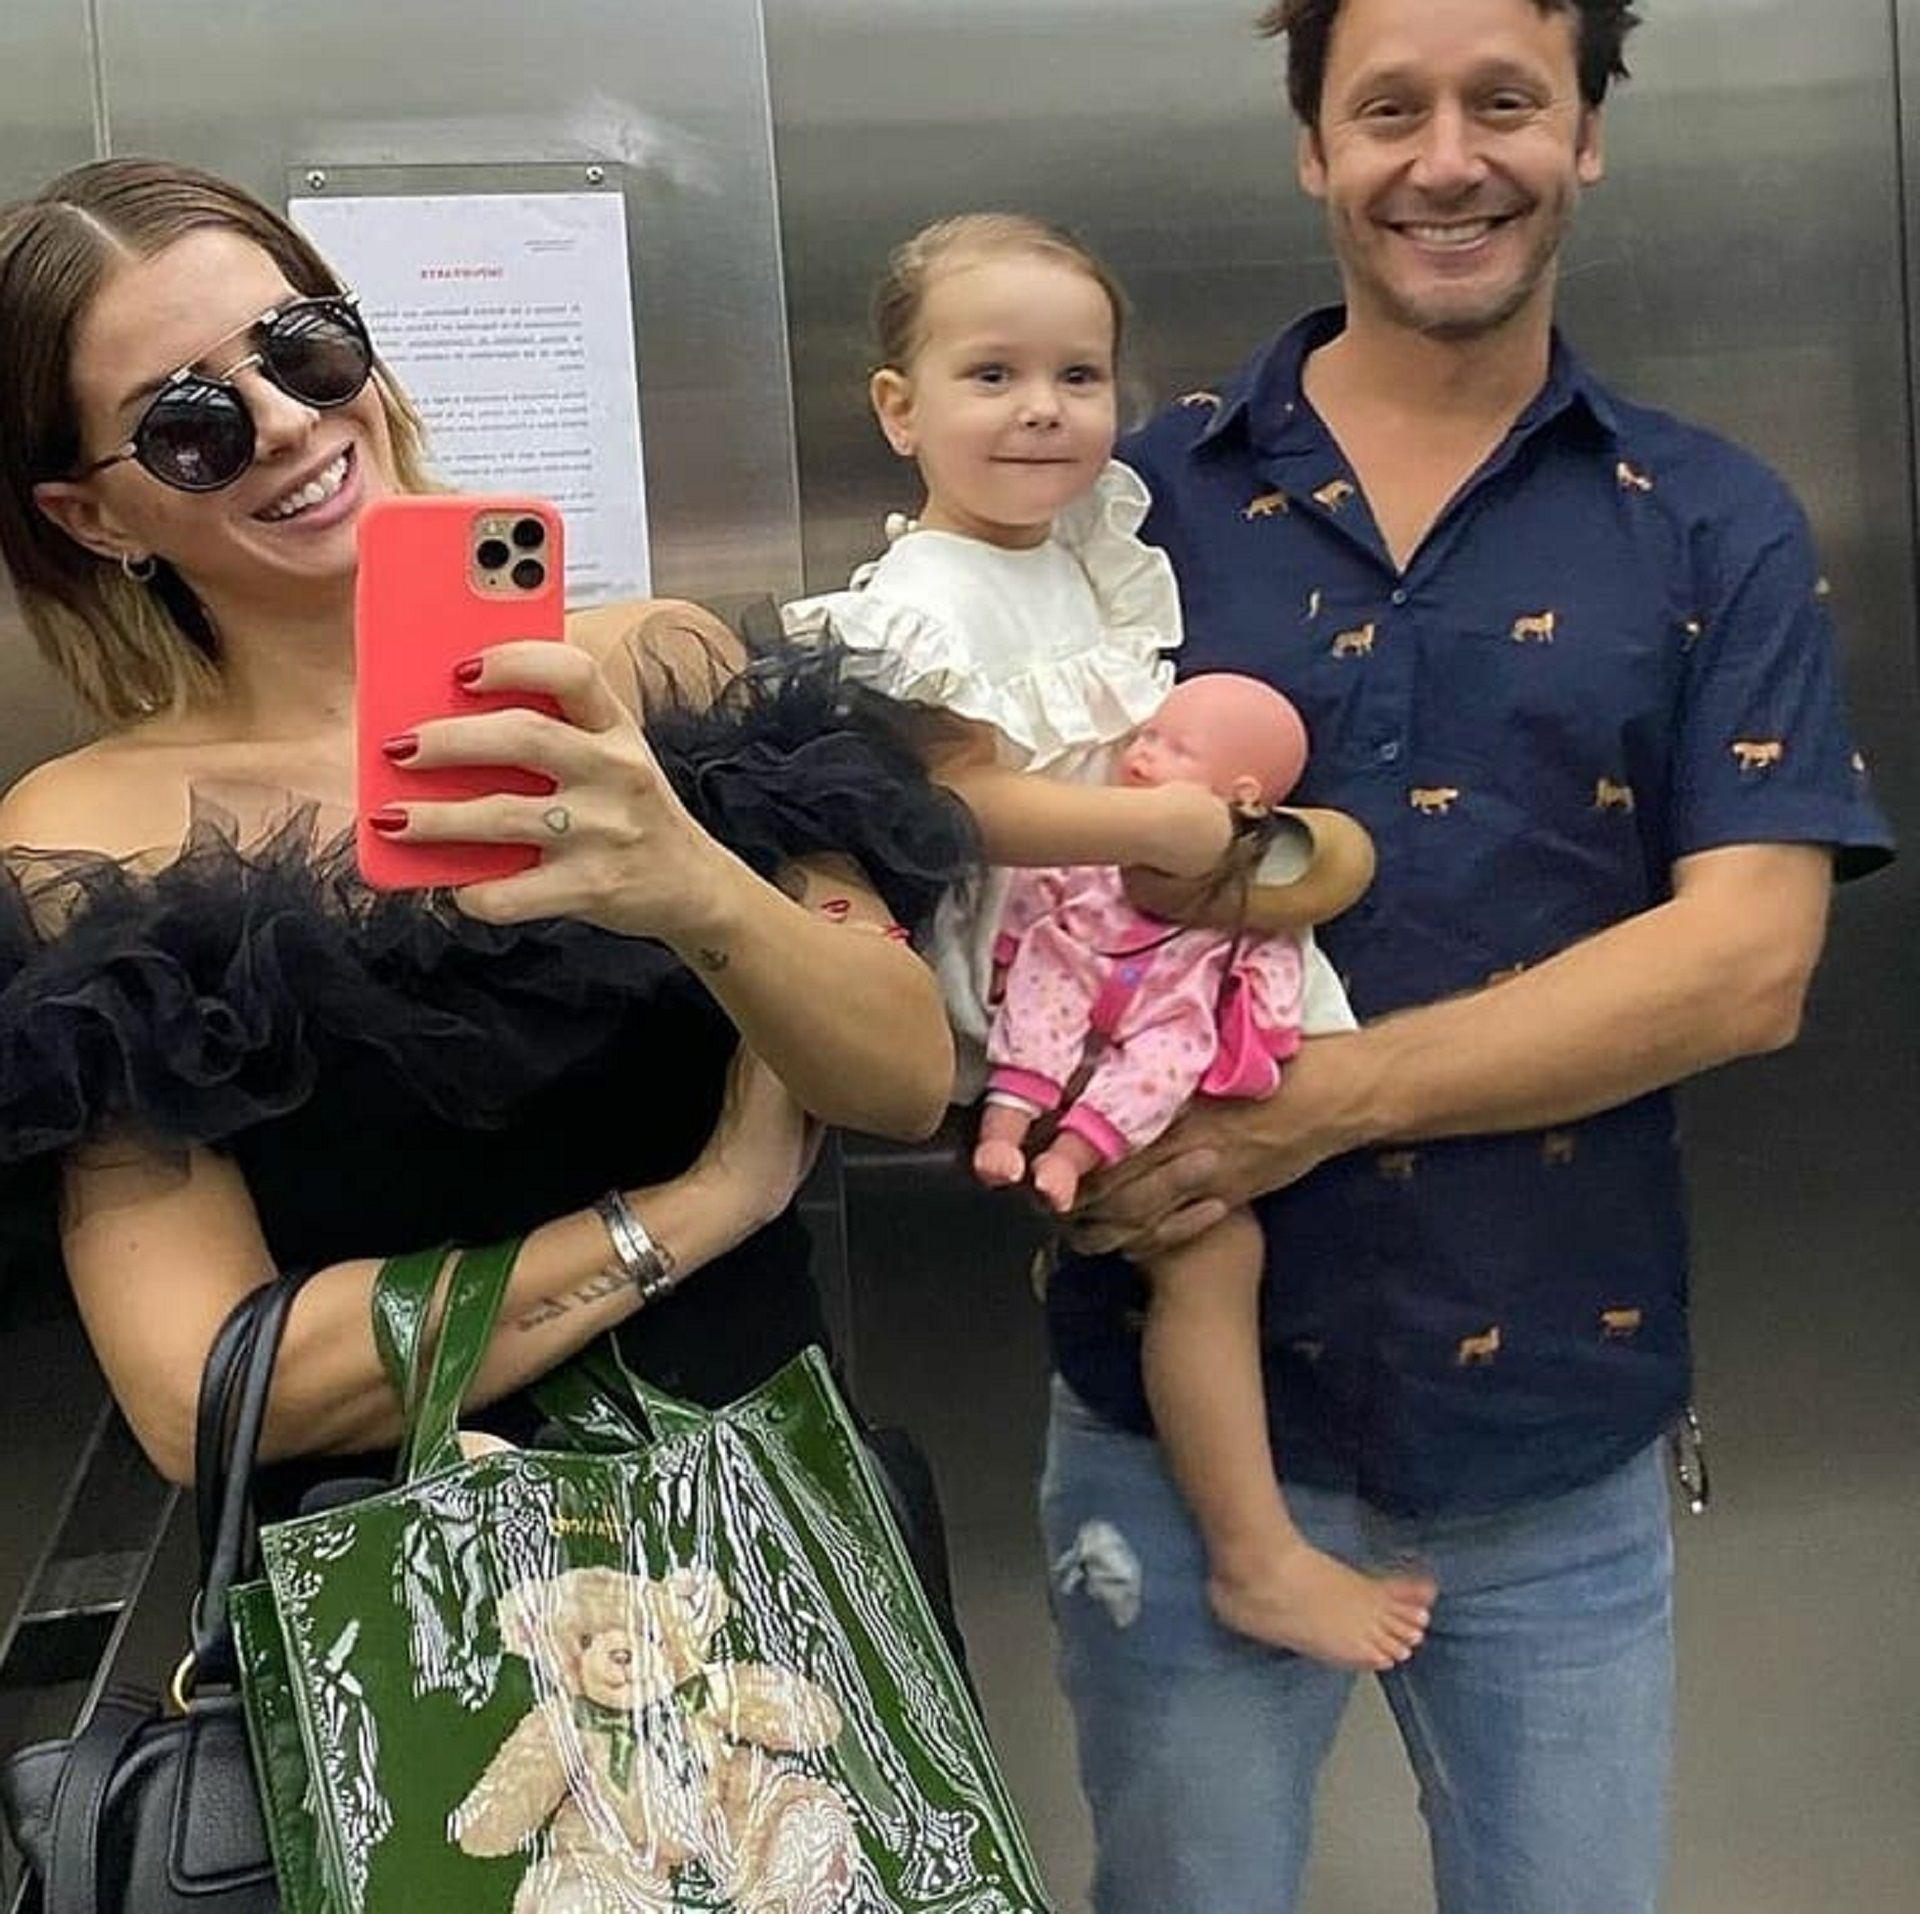 La China Suárez y Benjamín Vicuña son padres de Magnolia, de dos años